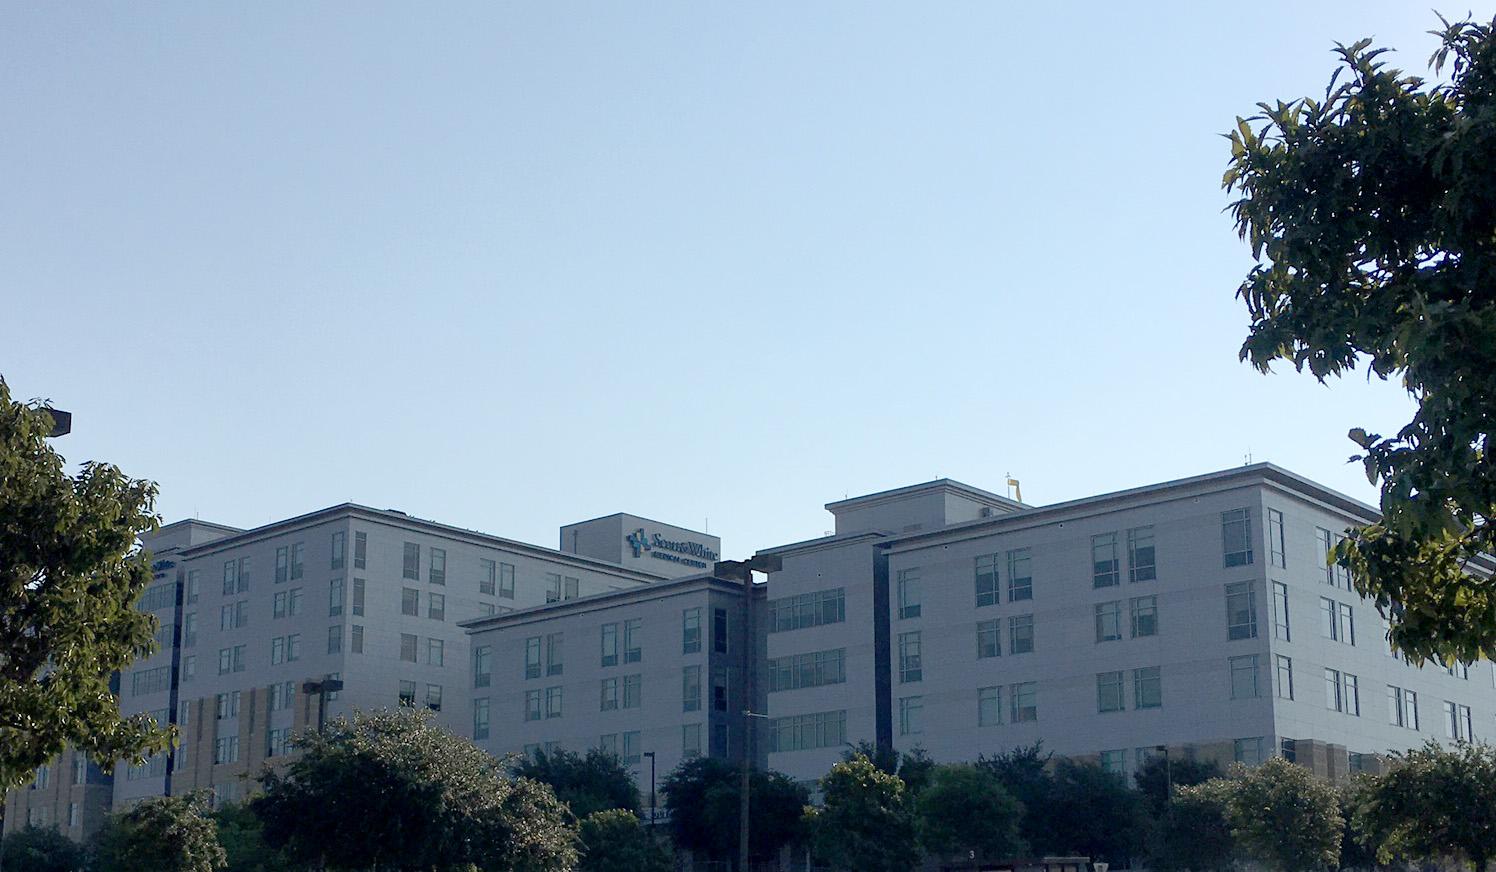 Scott & White Hospital